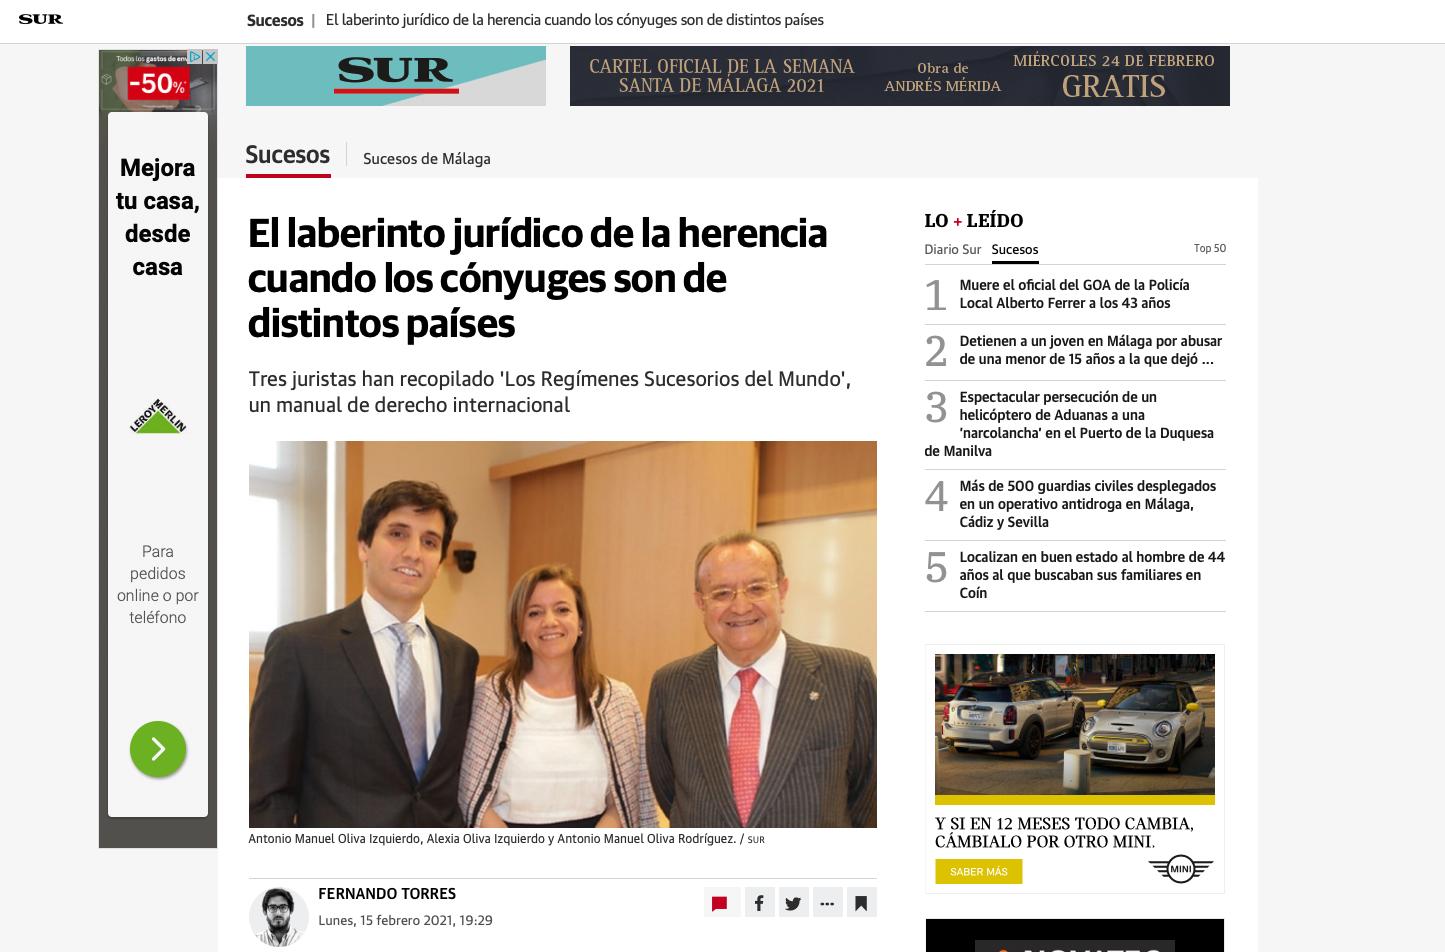 Tres juristas han recopilado 'Los Regímenes Sucesorios del Mundo', un manual de derecho internacional